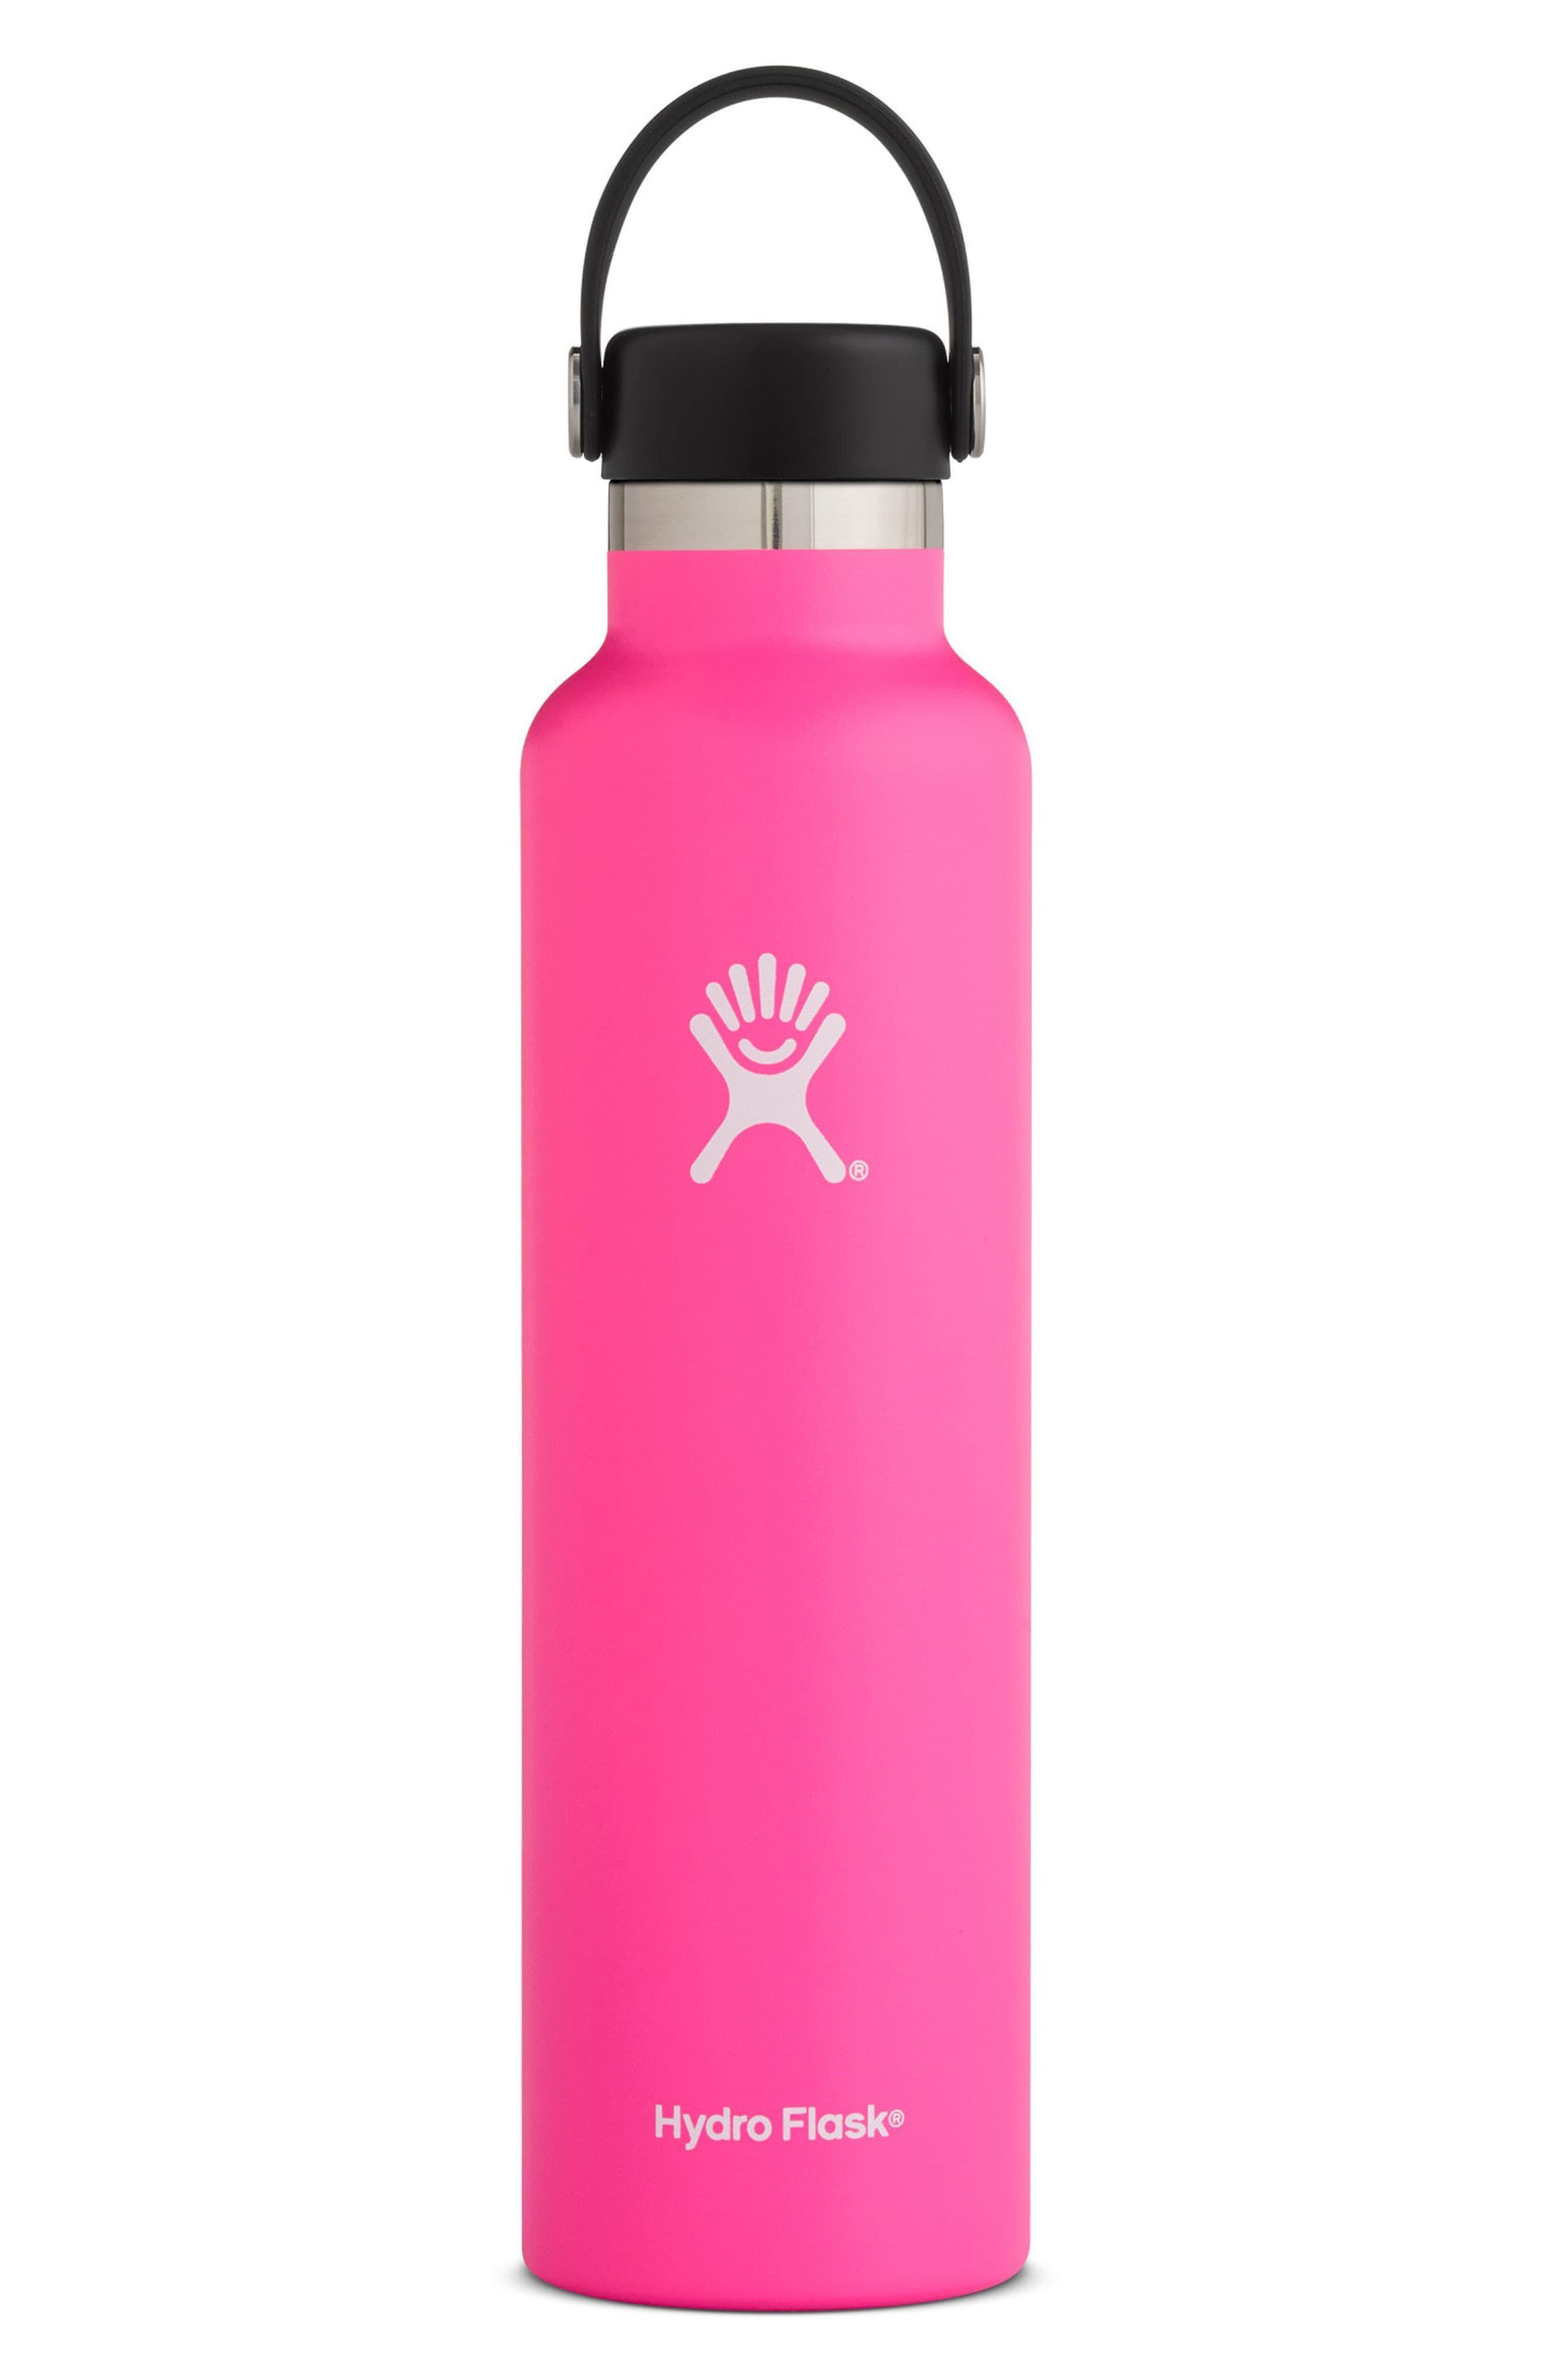 Hydro Flask 24 Ounce Standard Mouth Bottle Nordstrom Hydroflask Hydro Flask 24 Ounce Standard Mouth Bottle Size One Size Pink Hydro Flask Water Bottle Hydro Flask 24 Oz Bottle